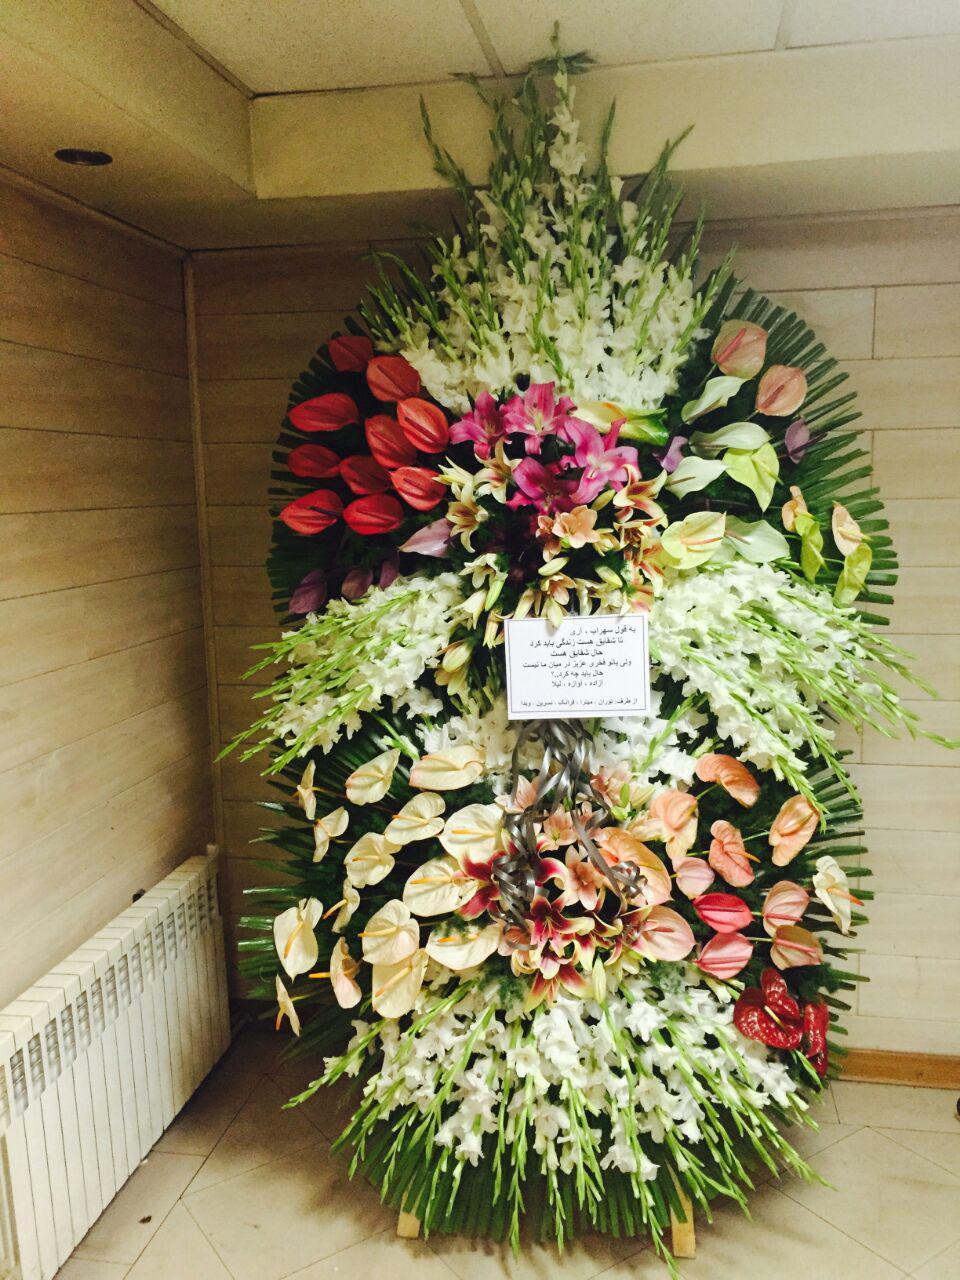 تاج گل مراسم ختم مناسب برای عرض تسلیت